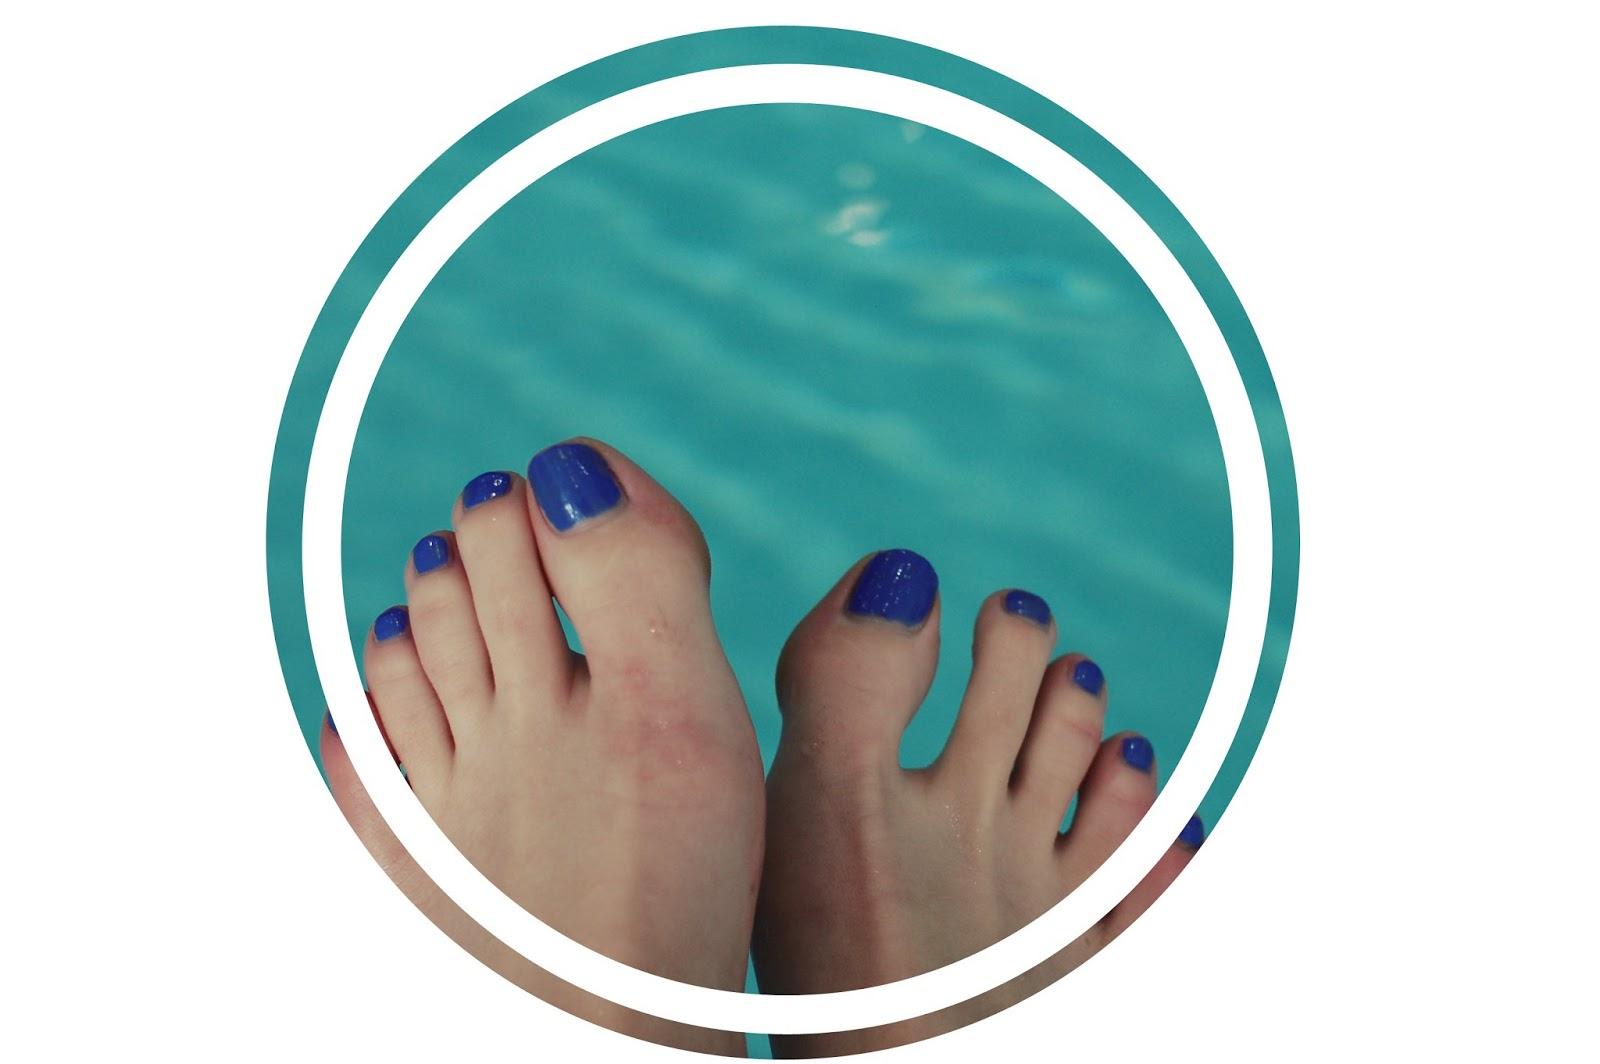 bourjois-vernis-bleu-fabuleux-so-laque-vernis-vinyl-brillant-nailart-manucure-facile-piscine-pied-été